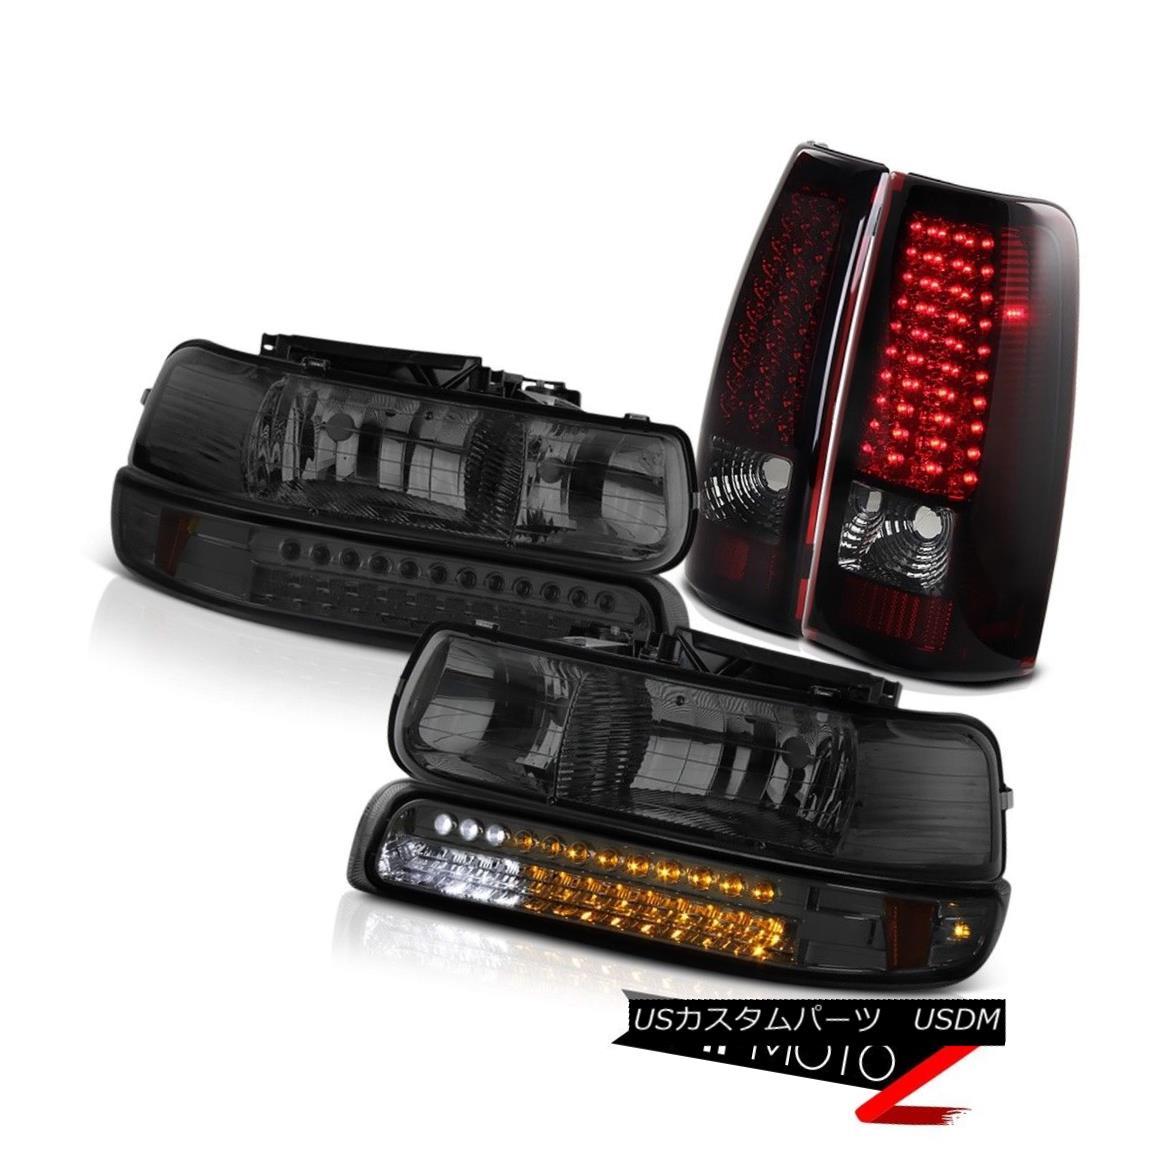 大人女性の テールライト 1999-2002 Silverado 1500 2500 Bumper SMD DRL Head Lights Smokey LED Red Taillamp 1999-2002 Silverado 1500 2500バンパーSMD DRLヘッドライトSmokey LED Red Taillamp, パンプキンスタジオ fba18f7a